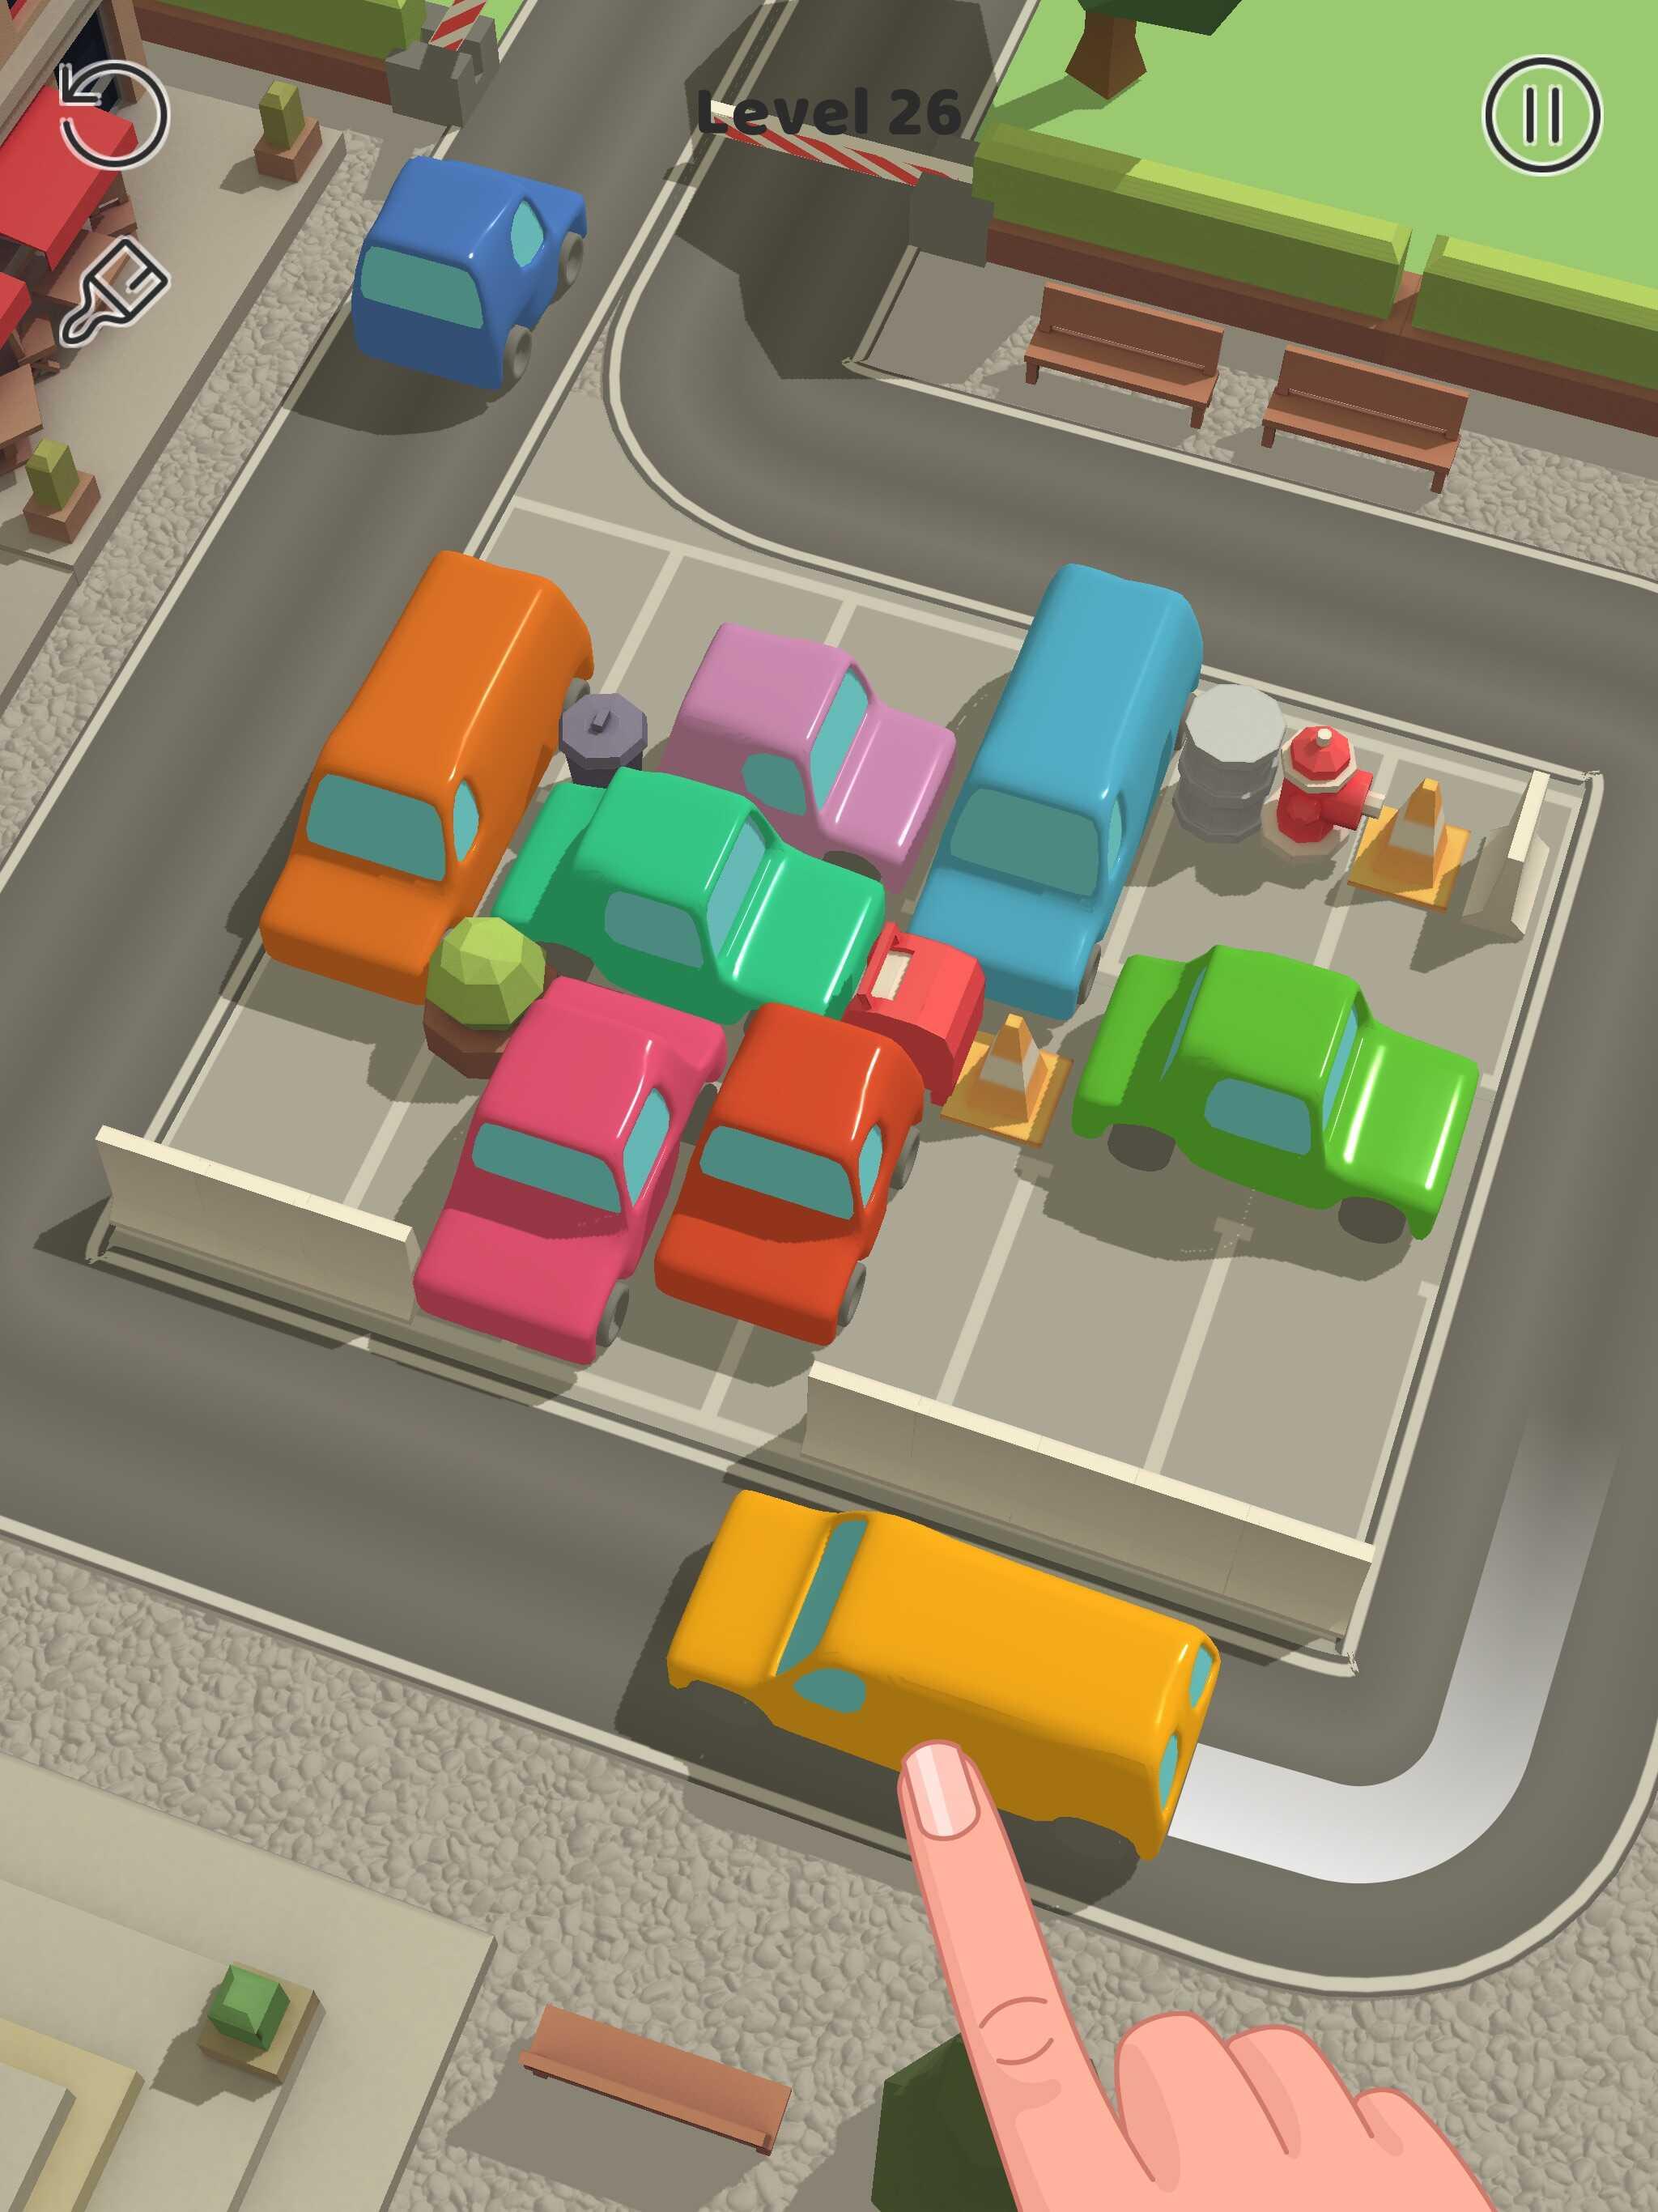 Parking Jam(パーキングジャム)を徹底レビュー!ハイパーカジュアルゲームとしての評価は?成功ポイントもご紹介